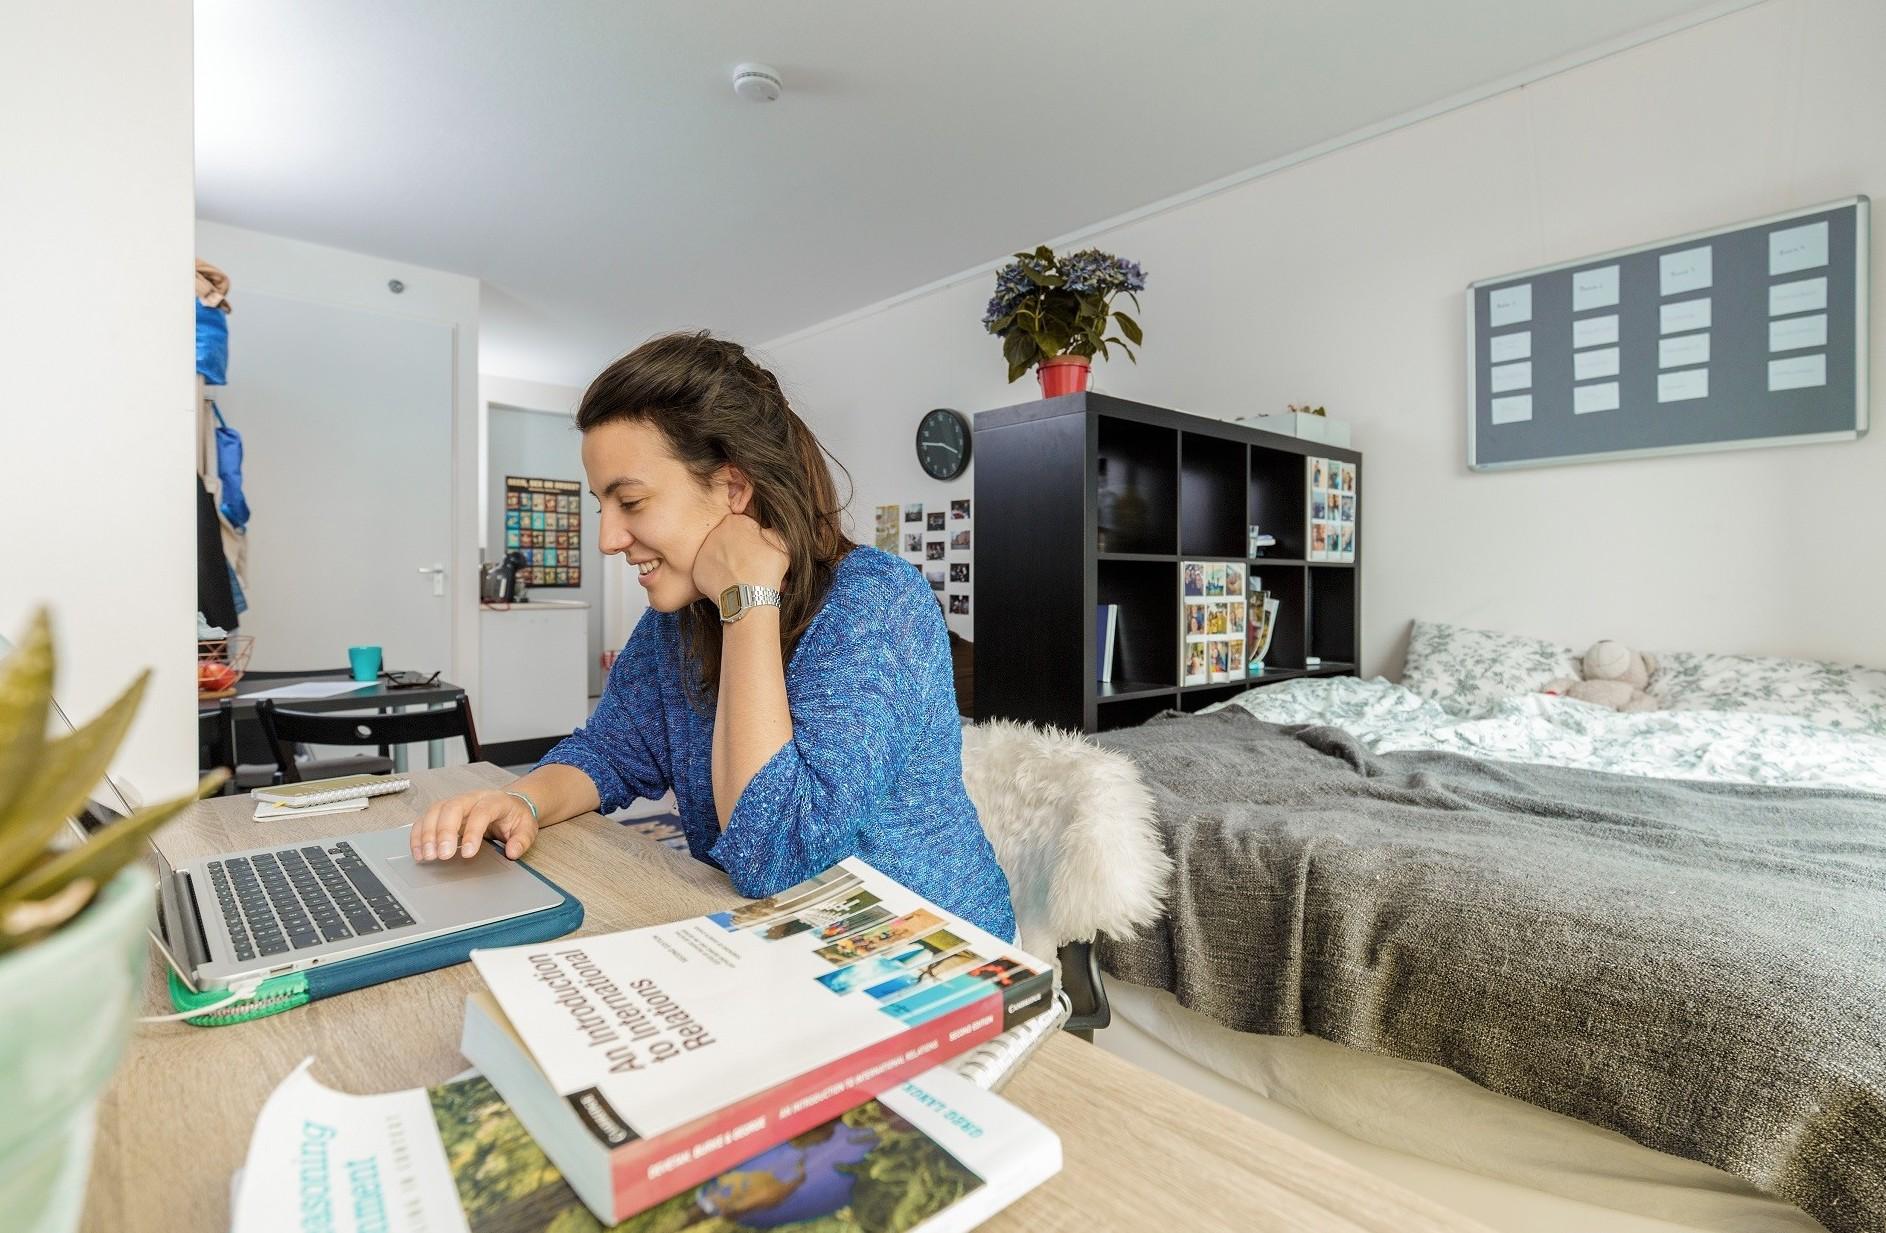 Casa in affitto per studenti i costi med